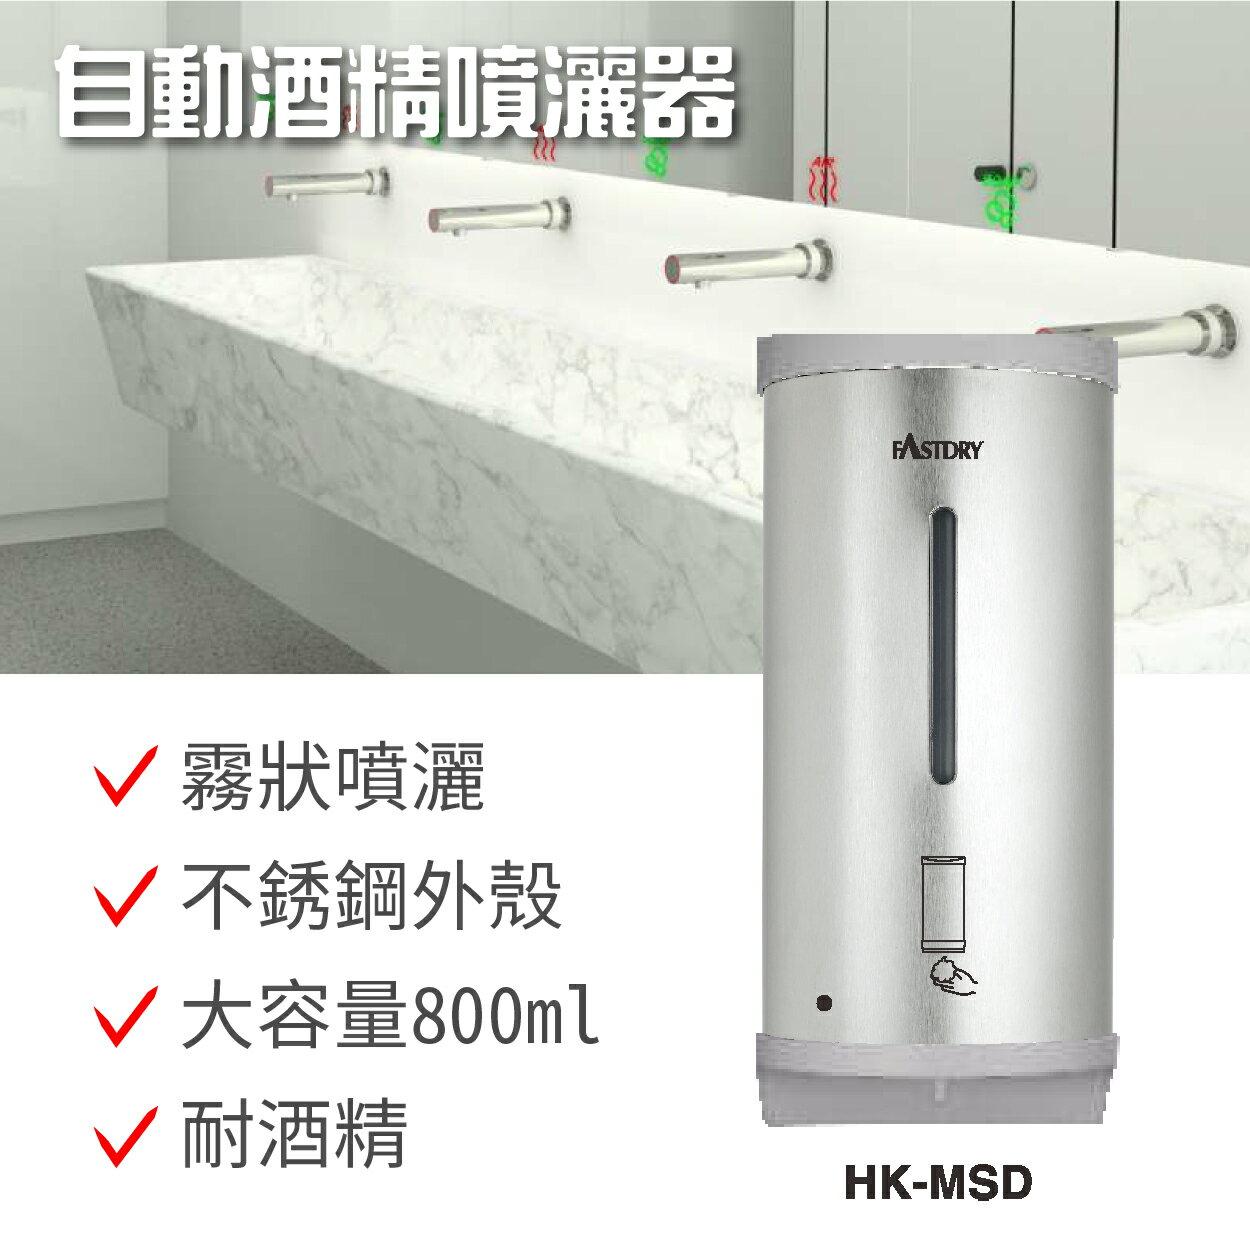 《台灣製造》自動給皂機 自動酒精噴灑器 不鏽鋼給皂機 大容量 霧狀噴灑 保固一年半 HK-MSD 酒精消毒機